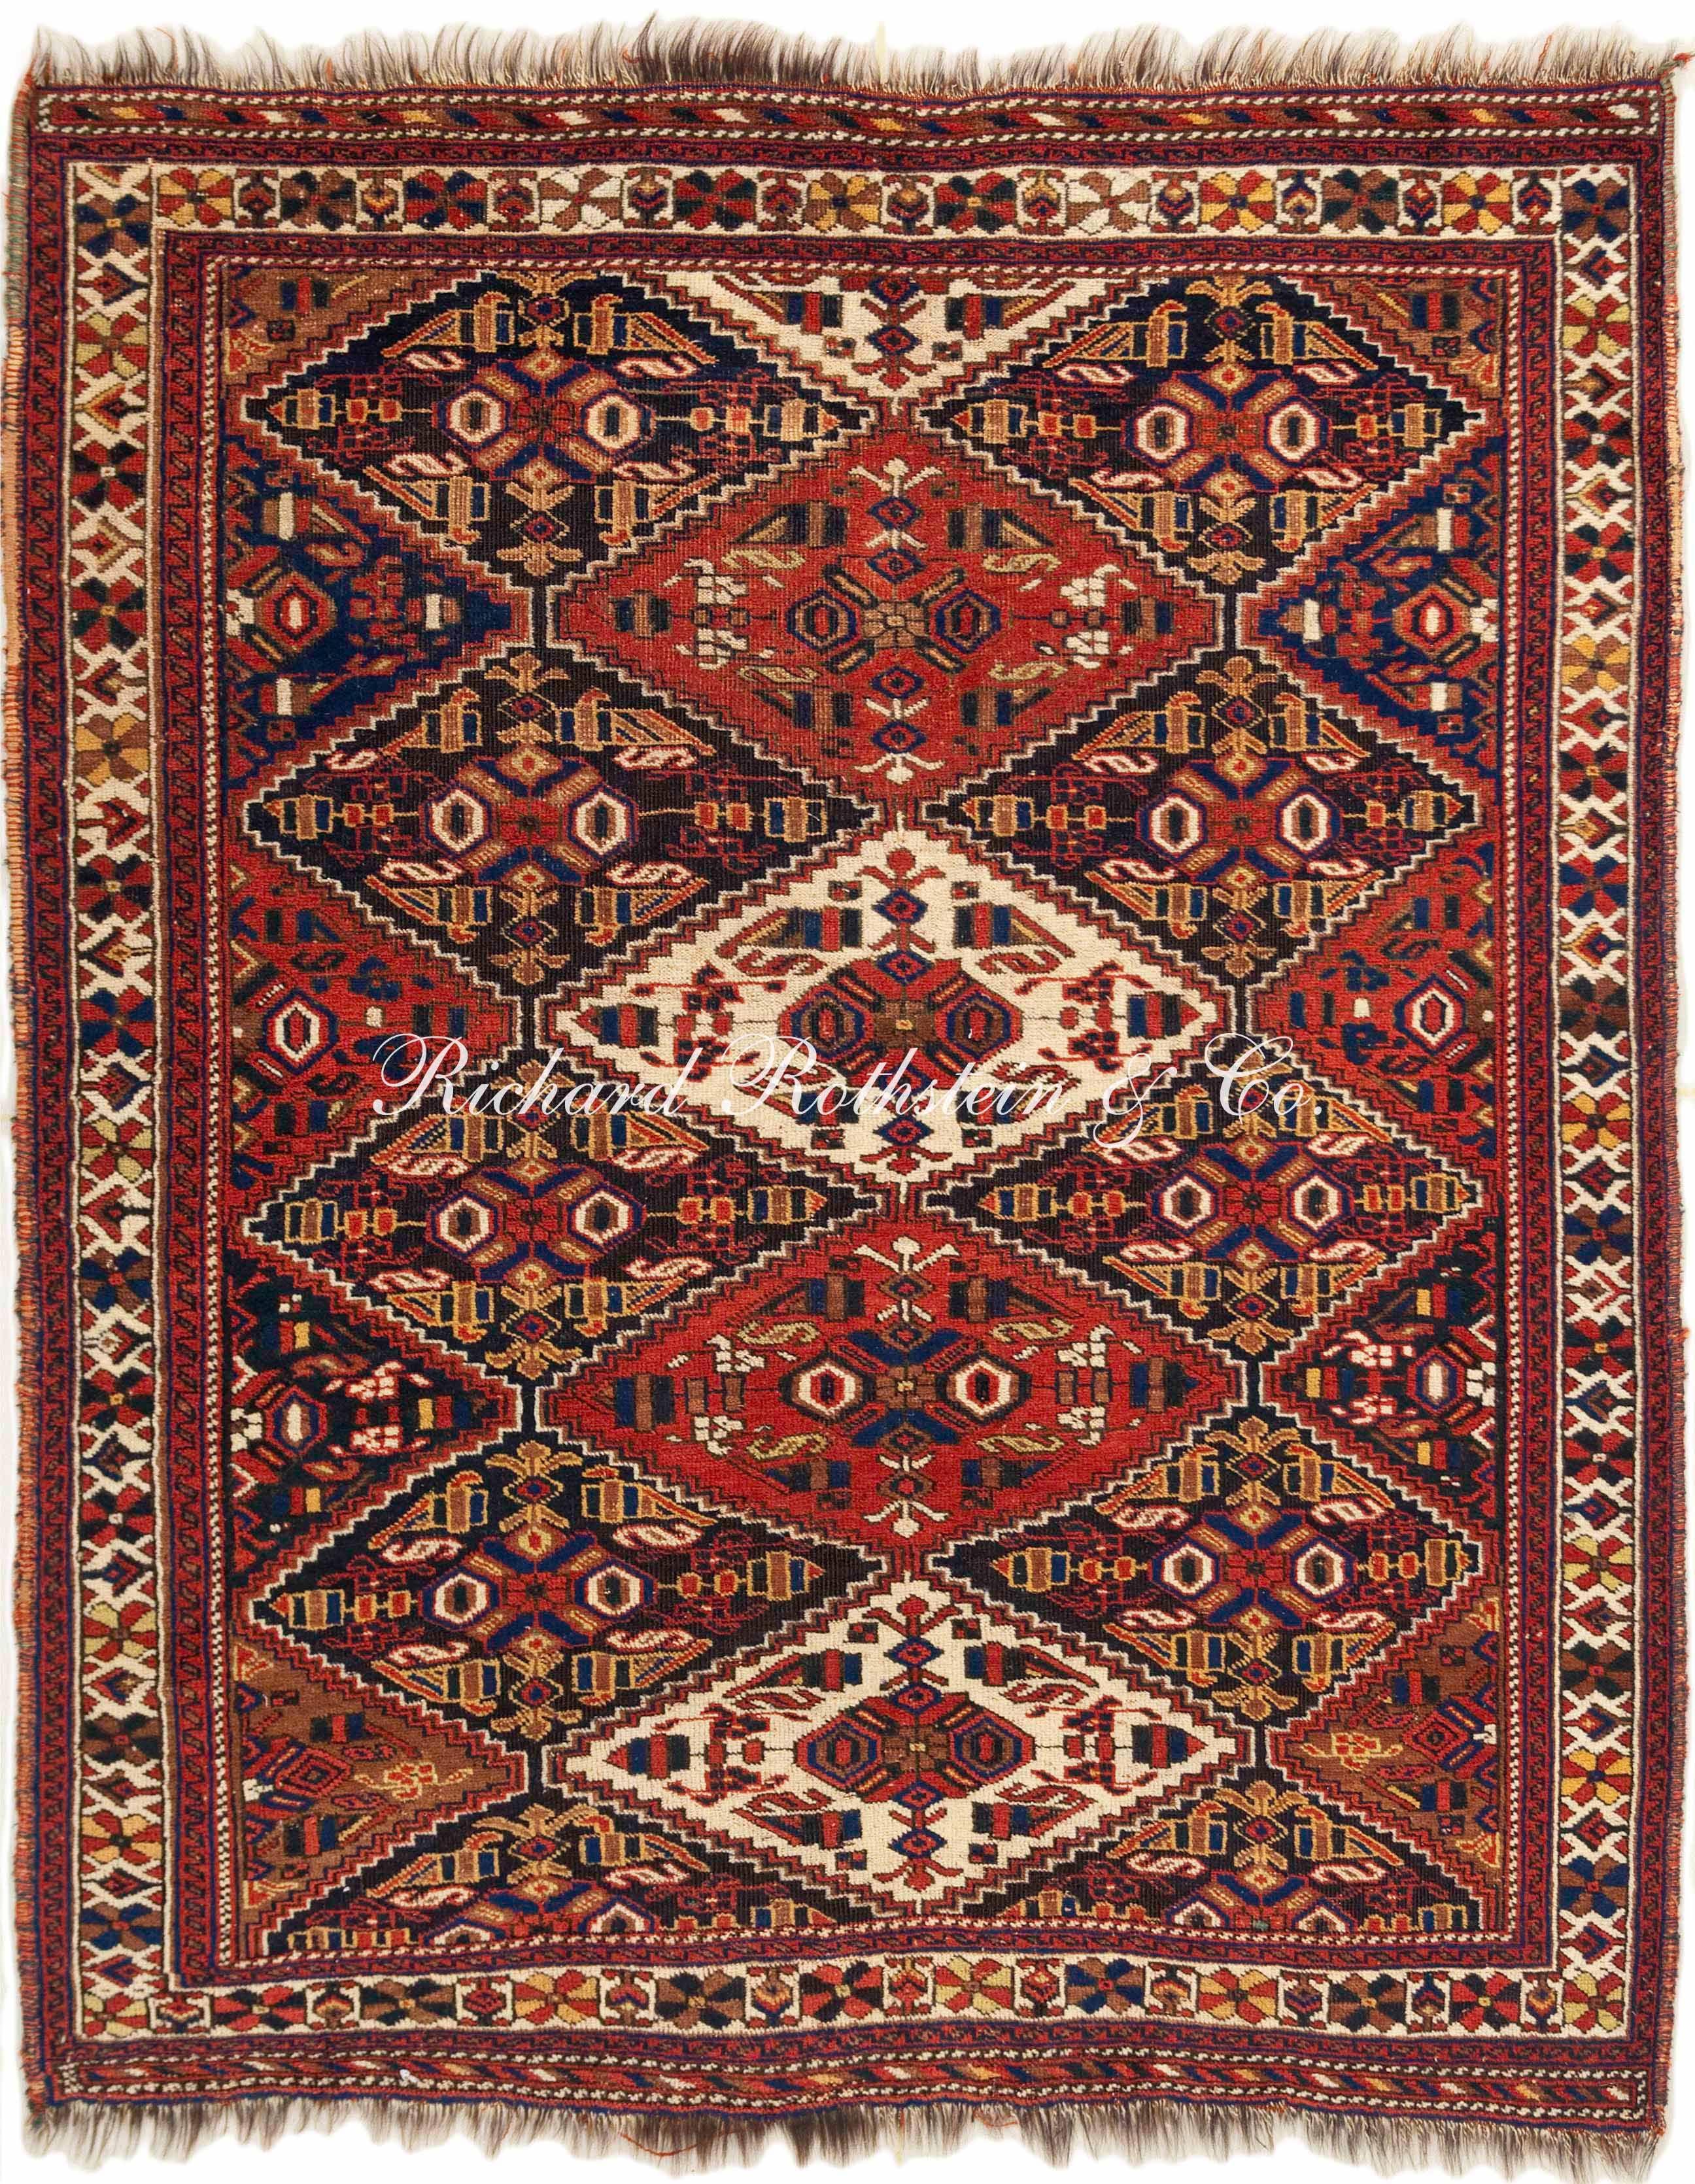 Картинки персидских узоров